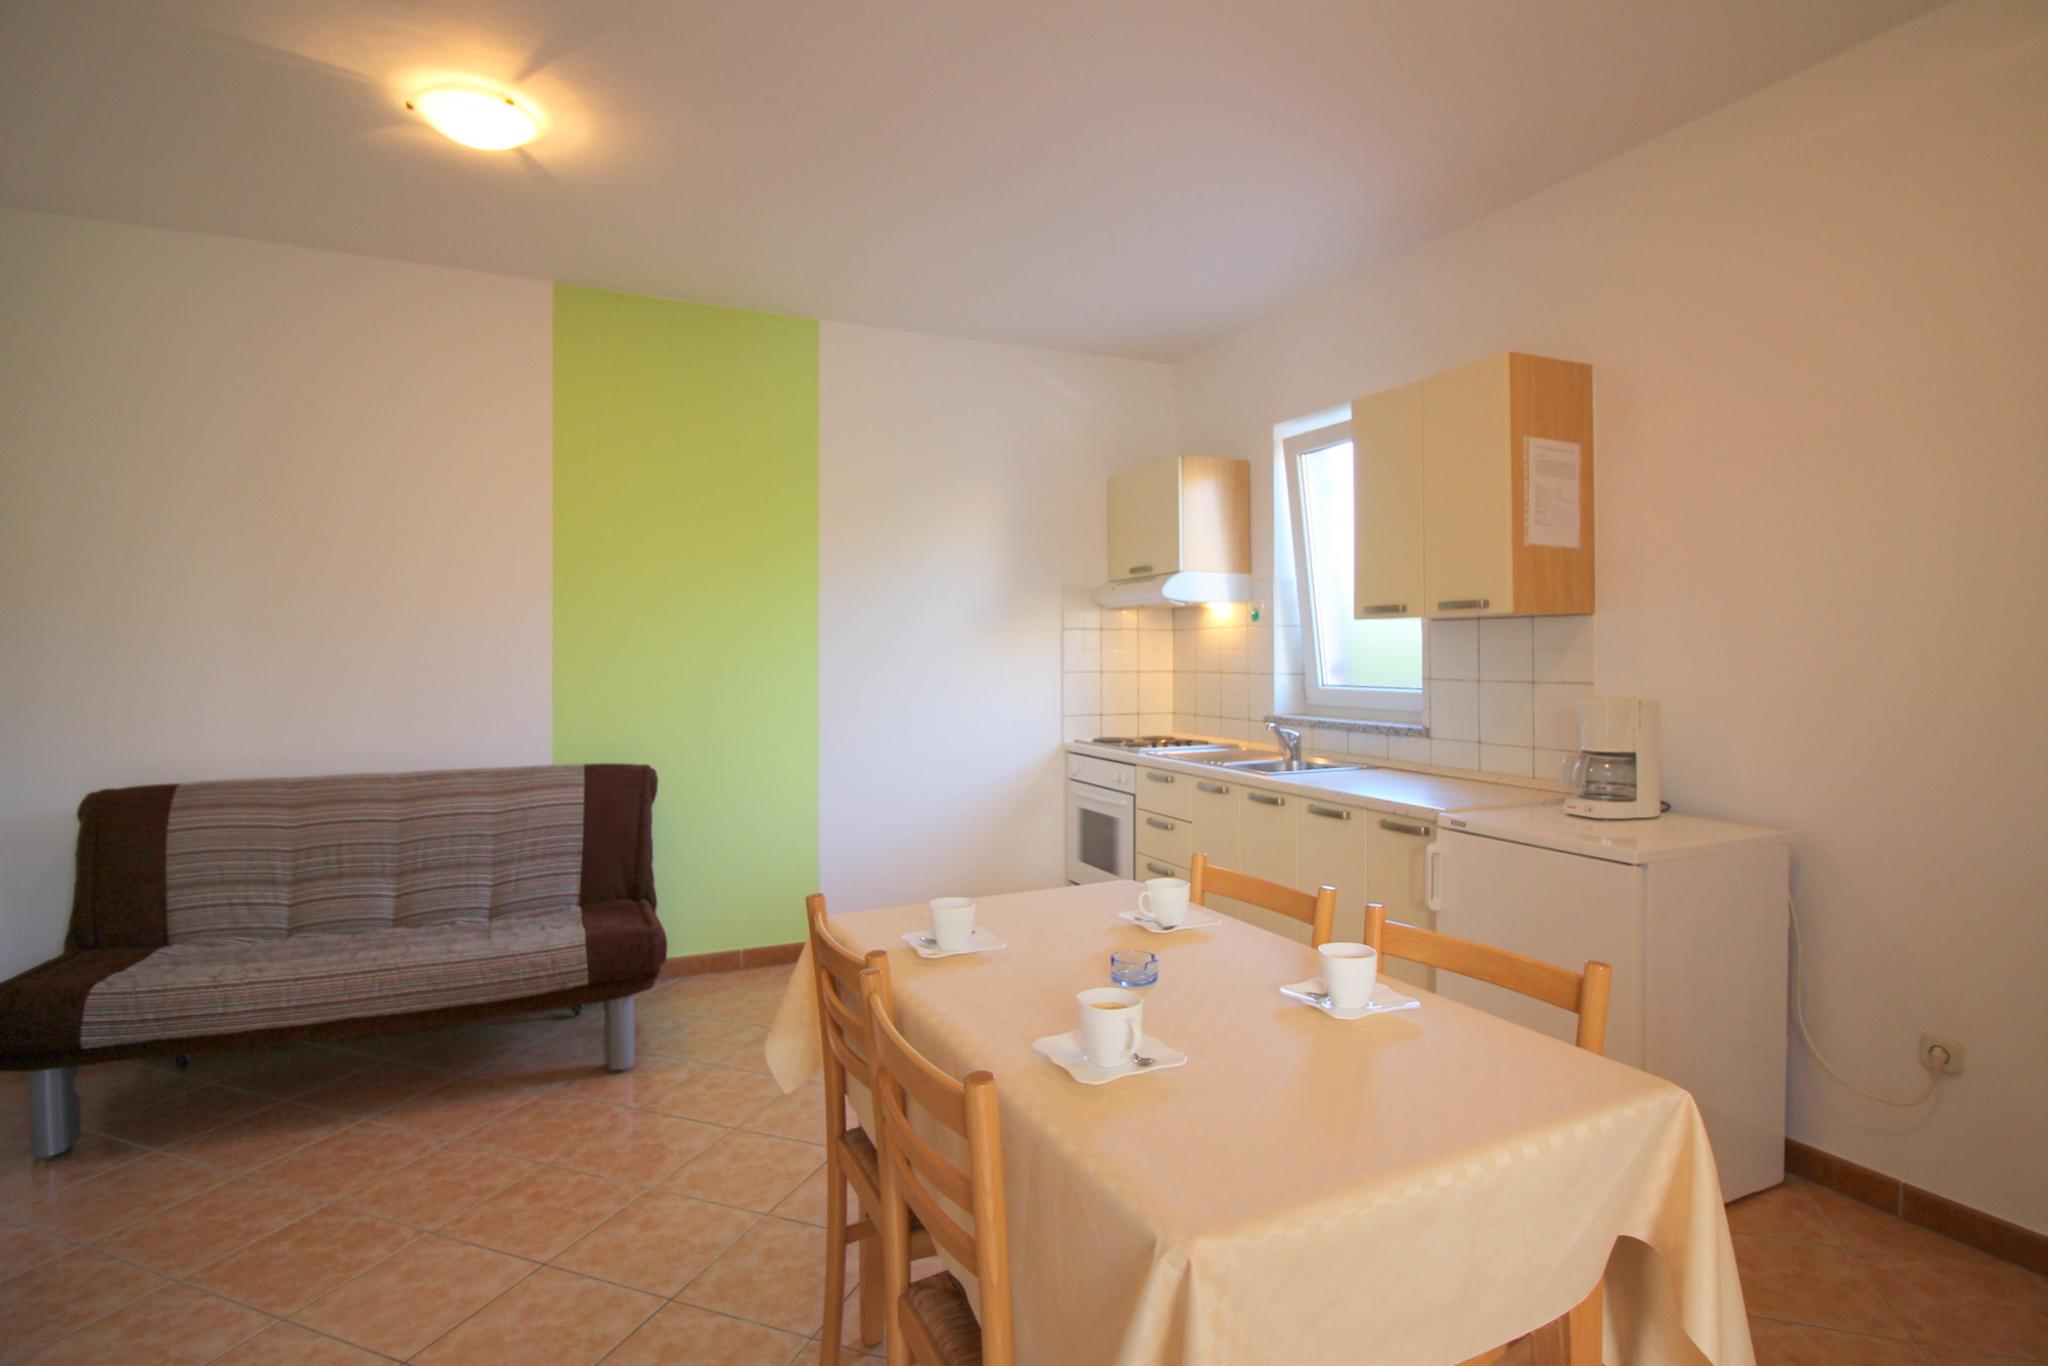 Ferienwohnung in ruhiger Lage (280275), Porec, , Istrien, Kroatien, Bild 12